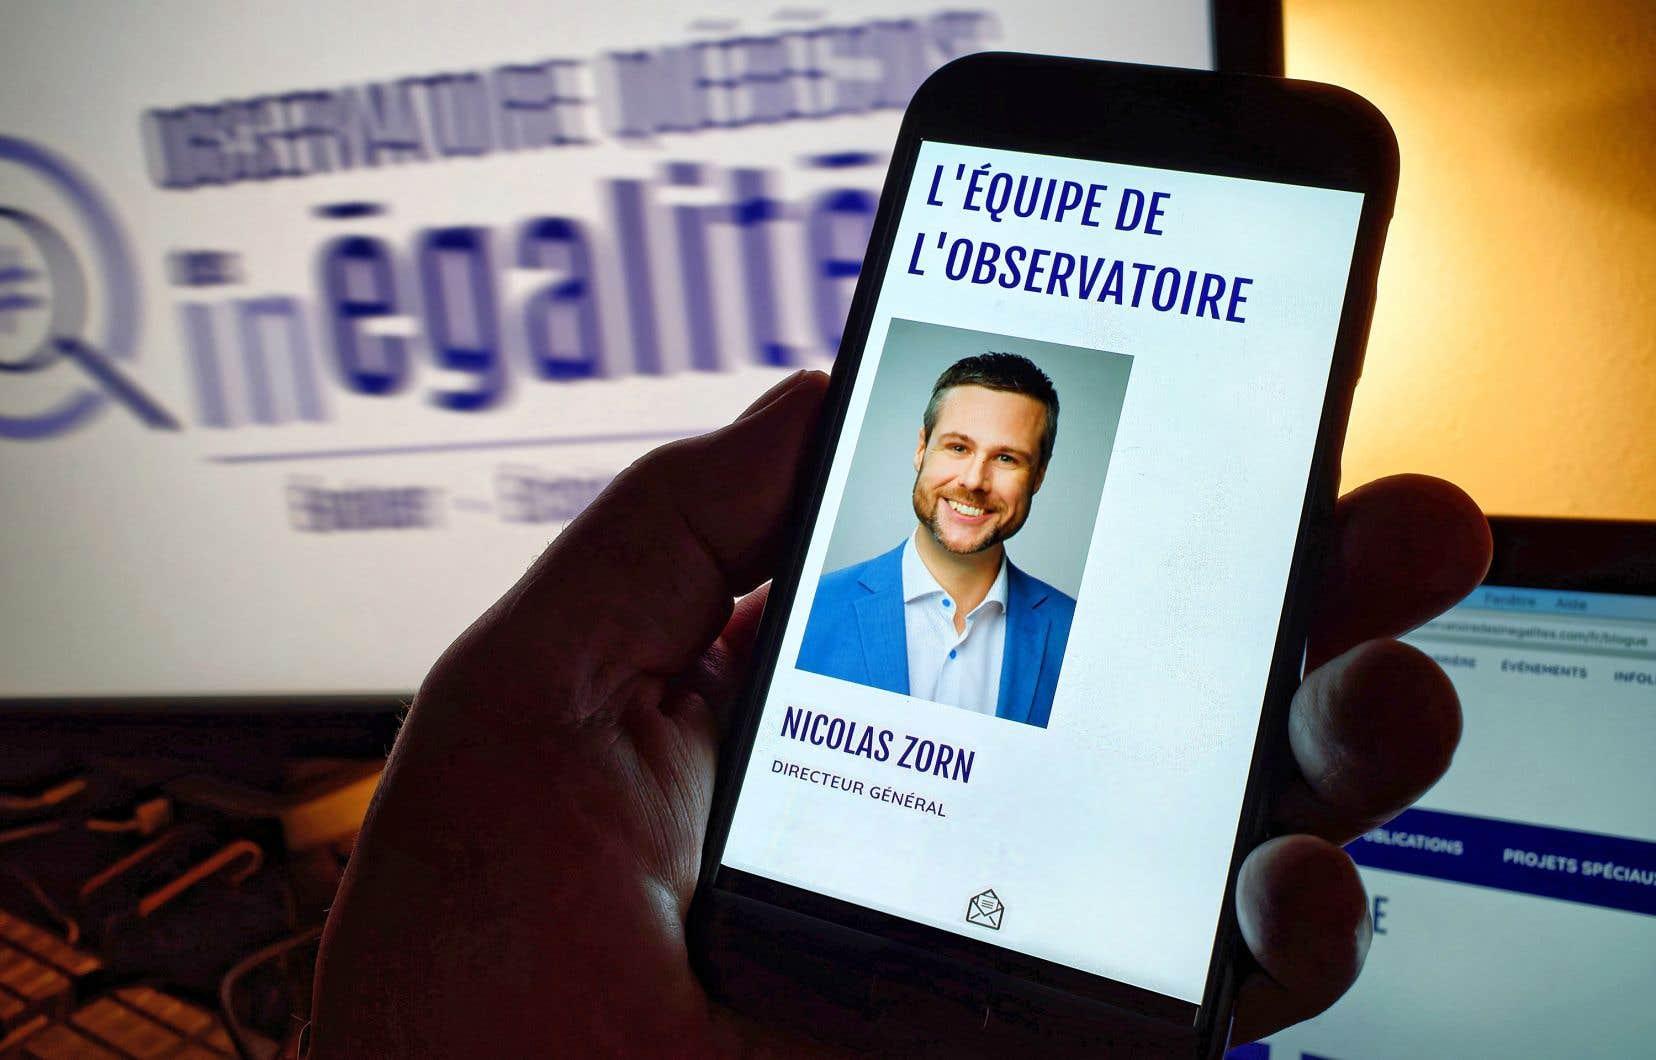 Le directeur général de l'organisme, Nicolas Zorn, a étévisé par des allégations de climat toxique de travail et de harcèlement psychologique rapportées dans «Le Devoir».